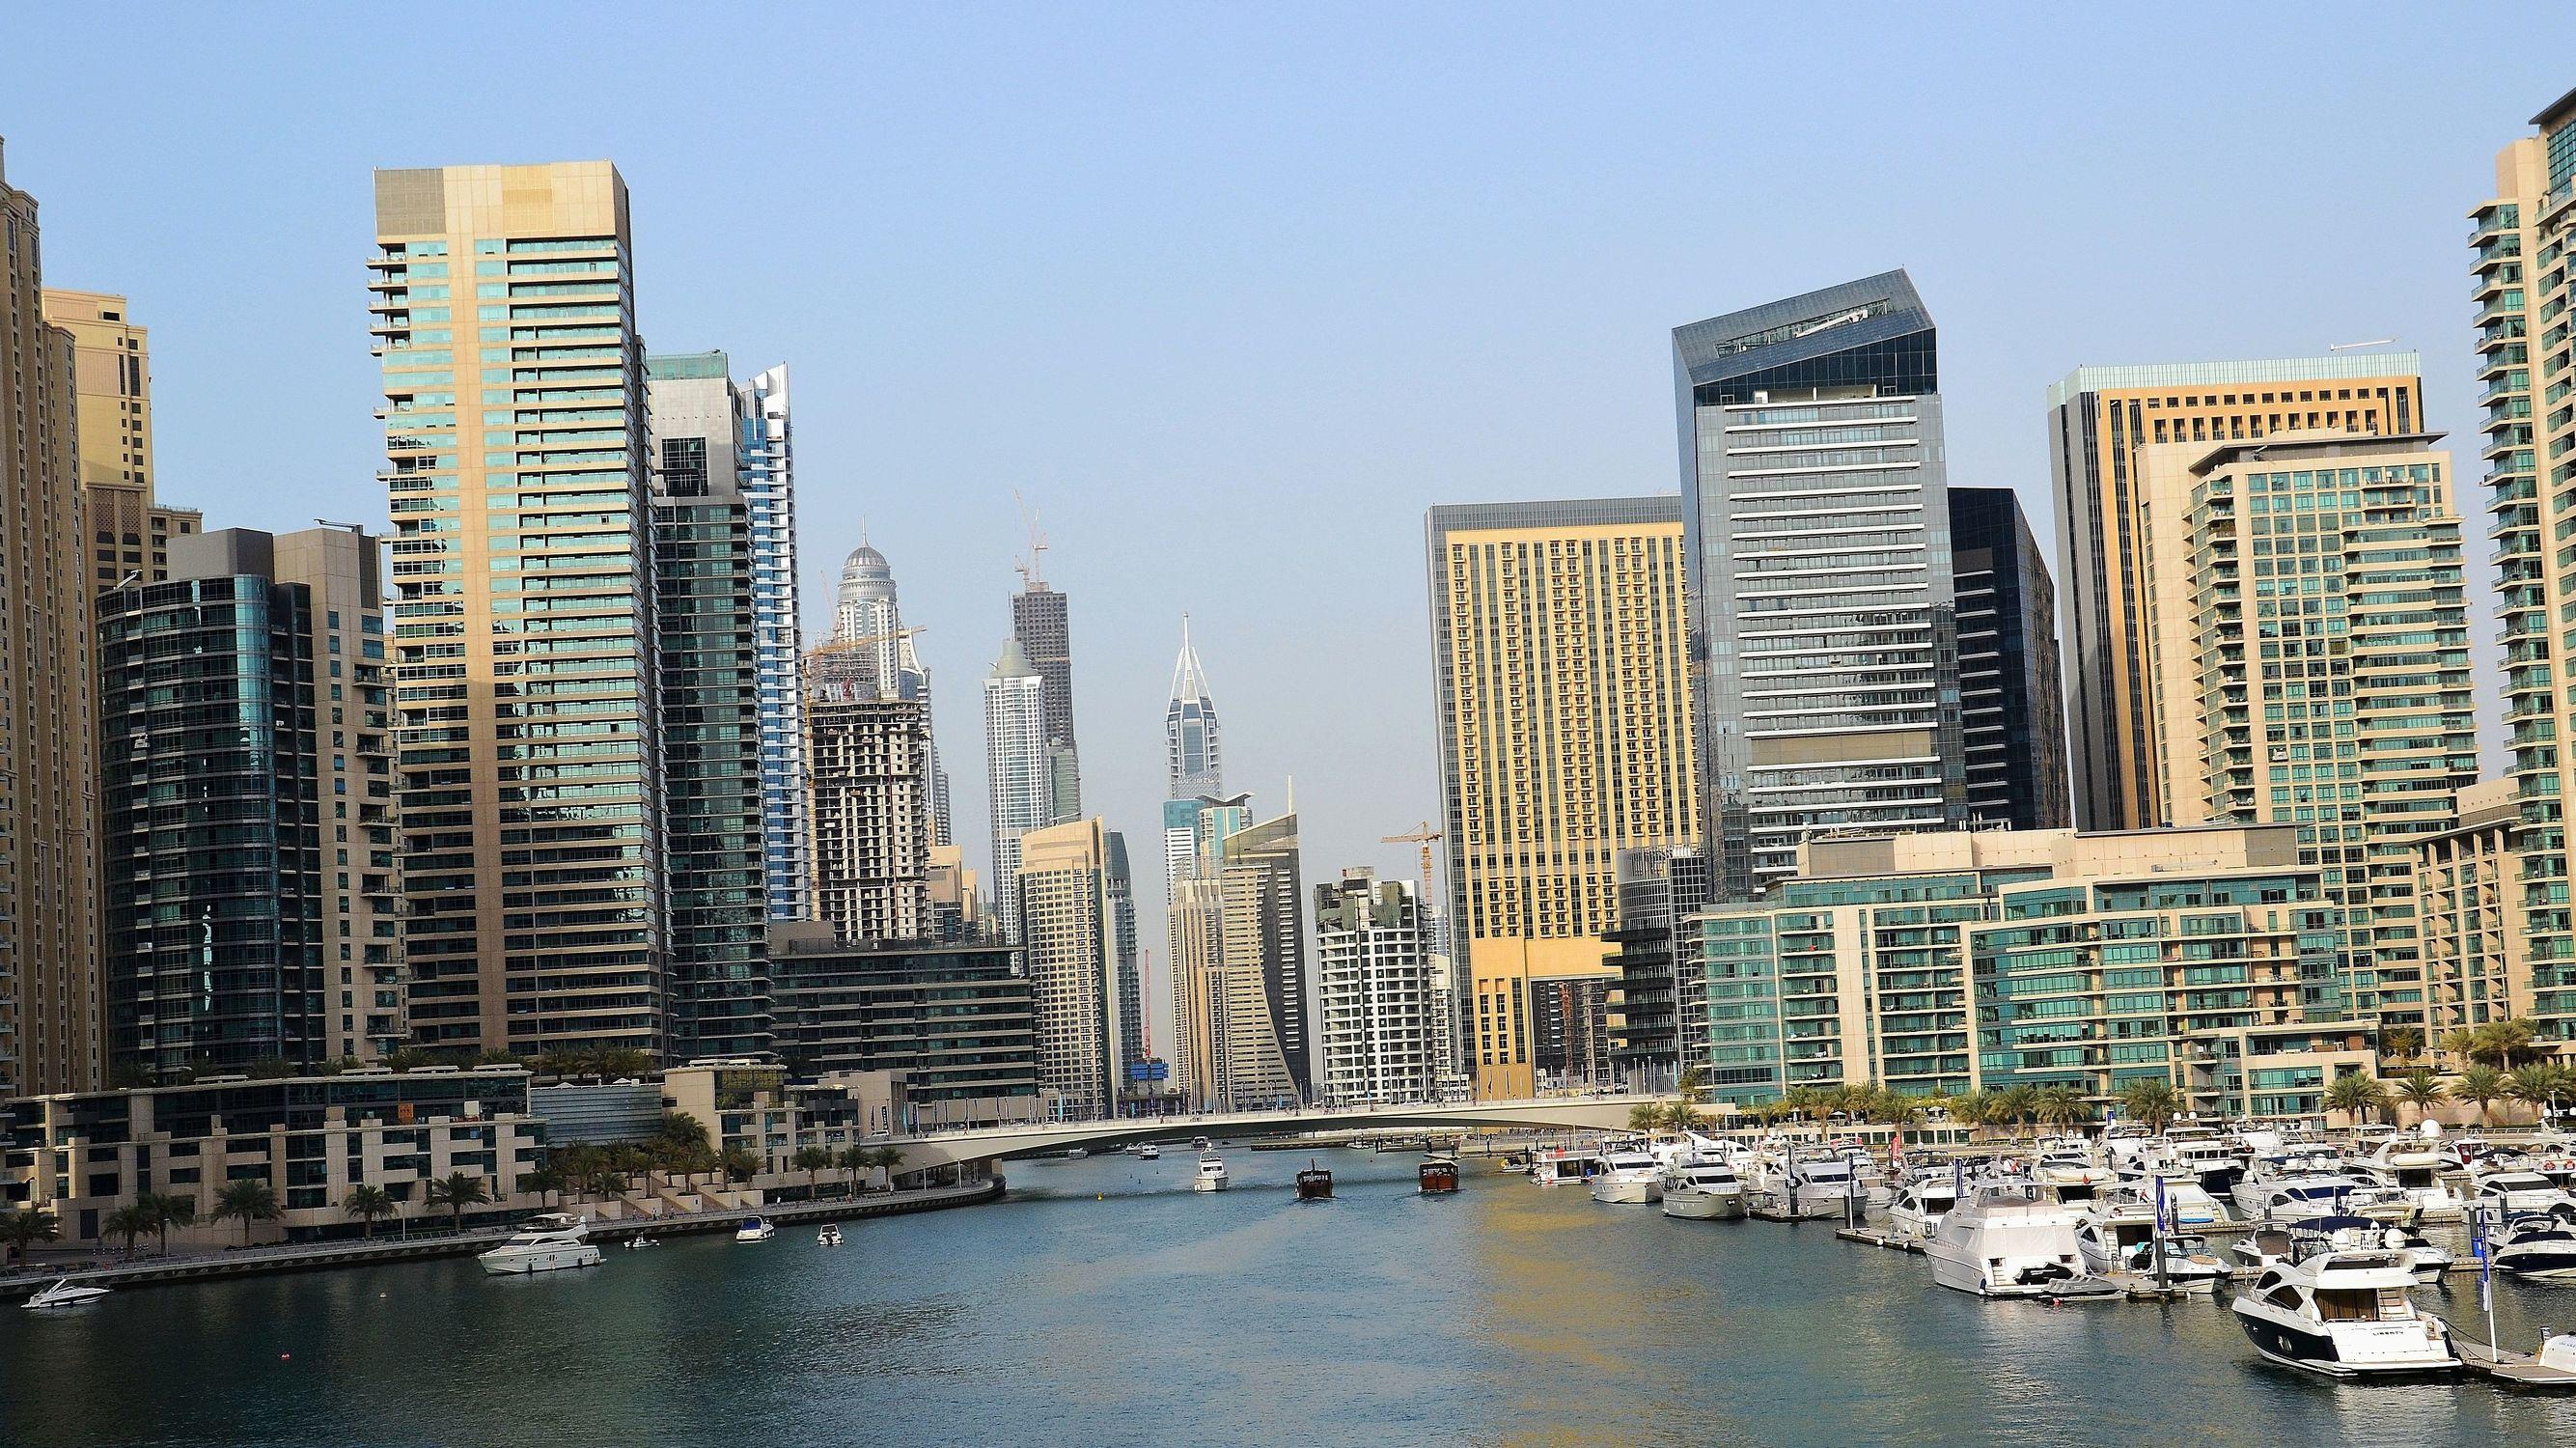 Bild mit Kunst, Architektur, Abstrakte Kunst, art, Skyline, wolkenkratzer, Hochhäuser, Dubai